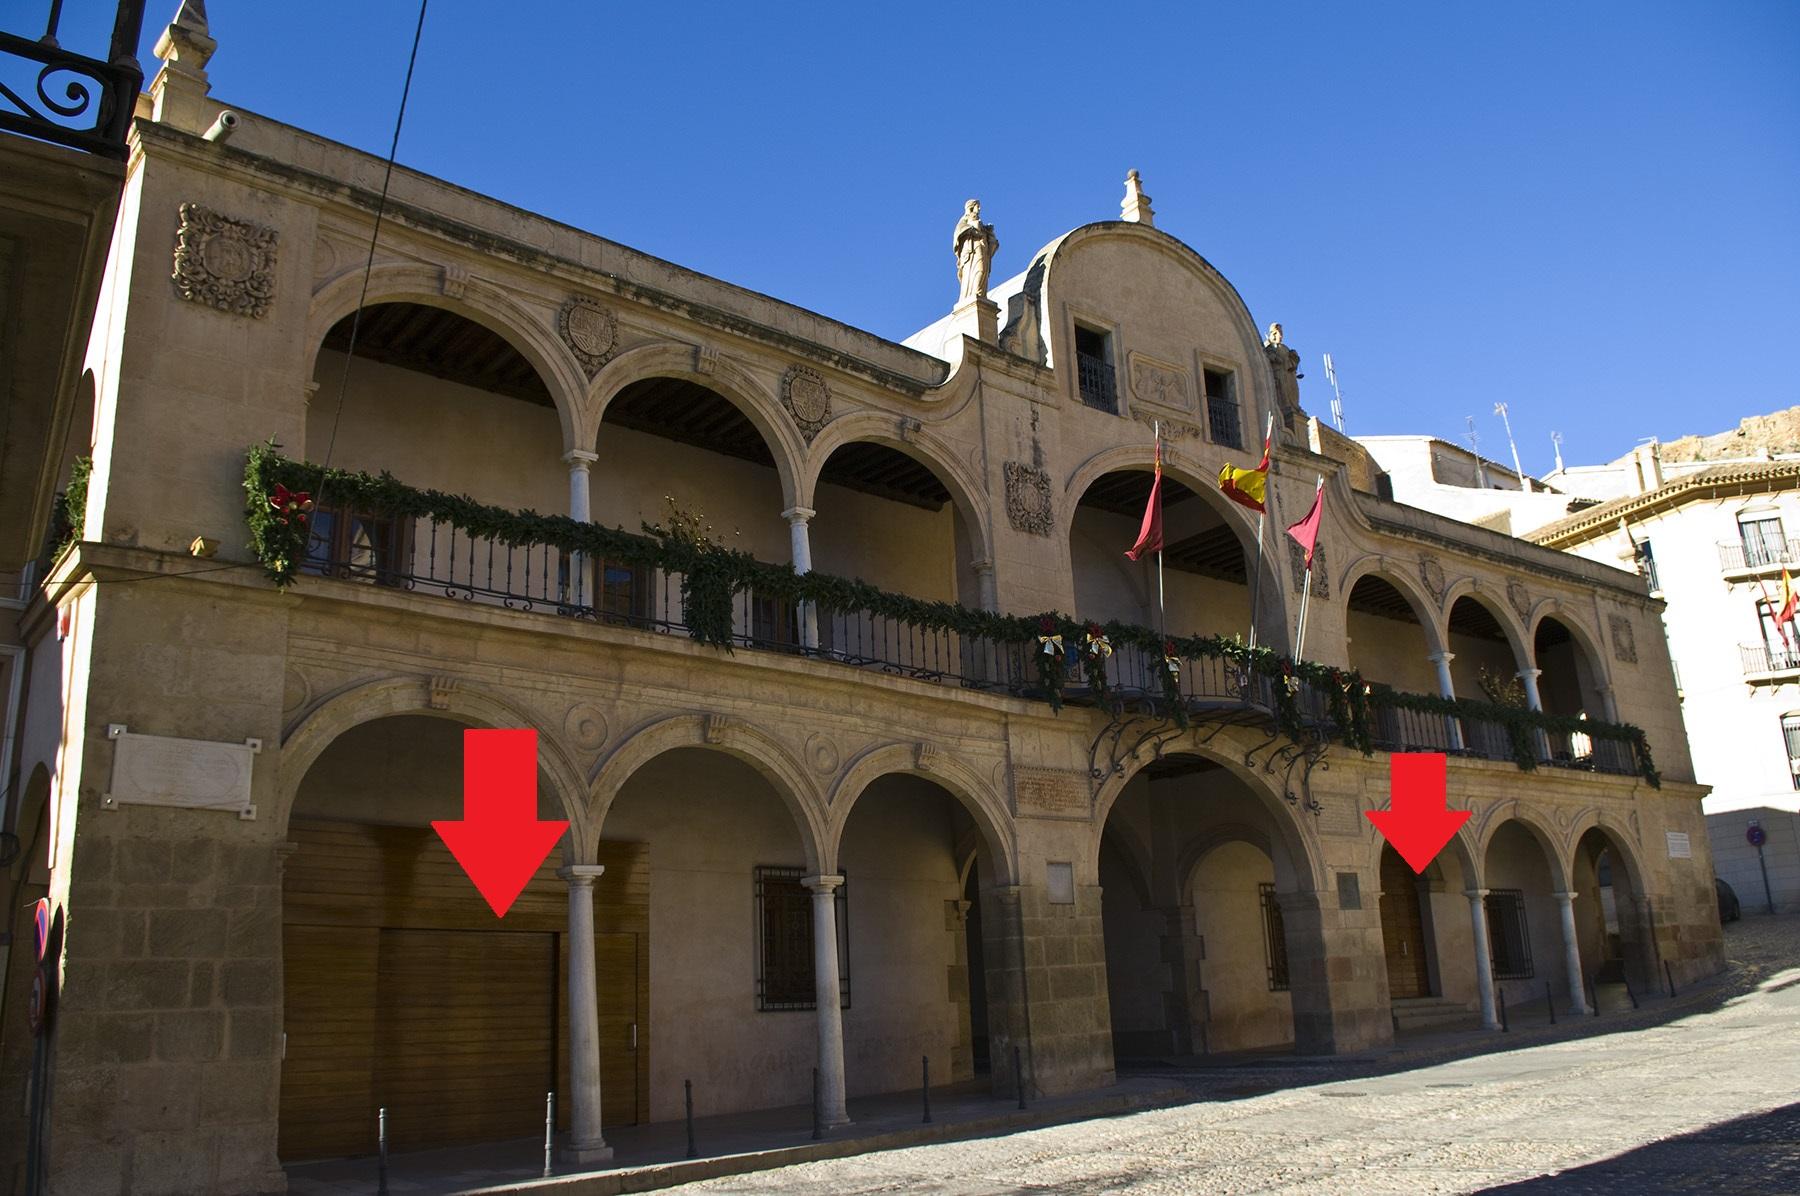 Entrada al edificio Ayuntamiento Lorca